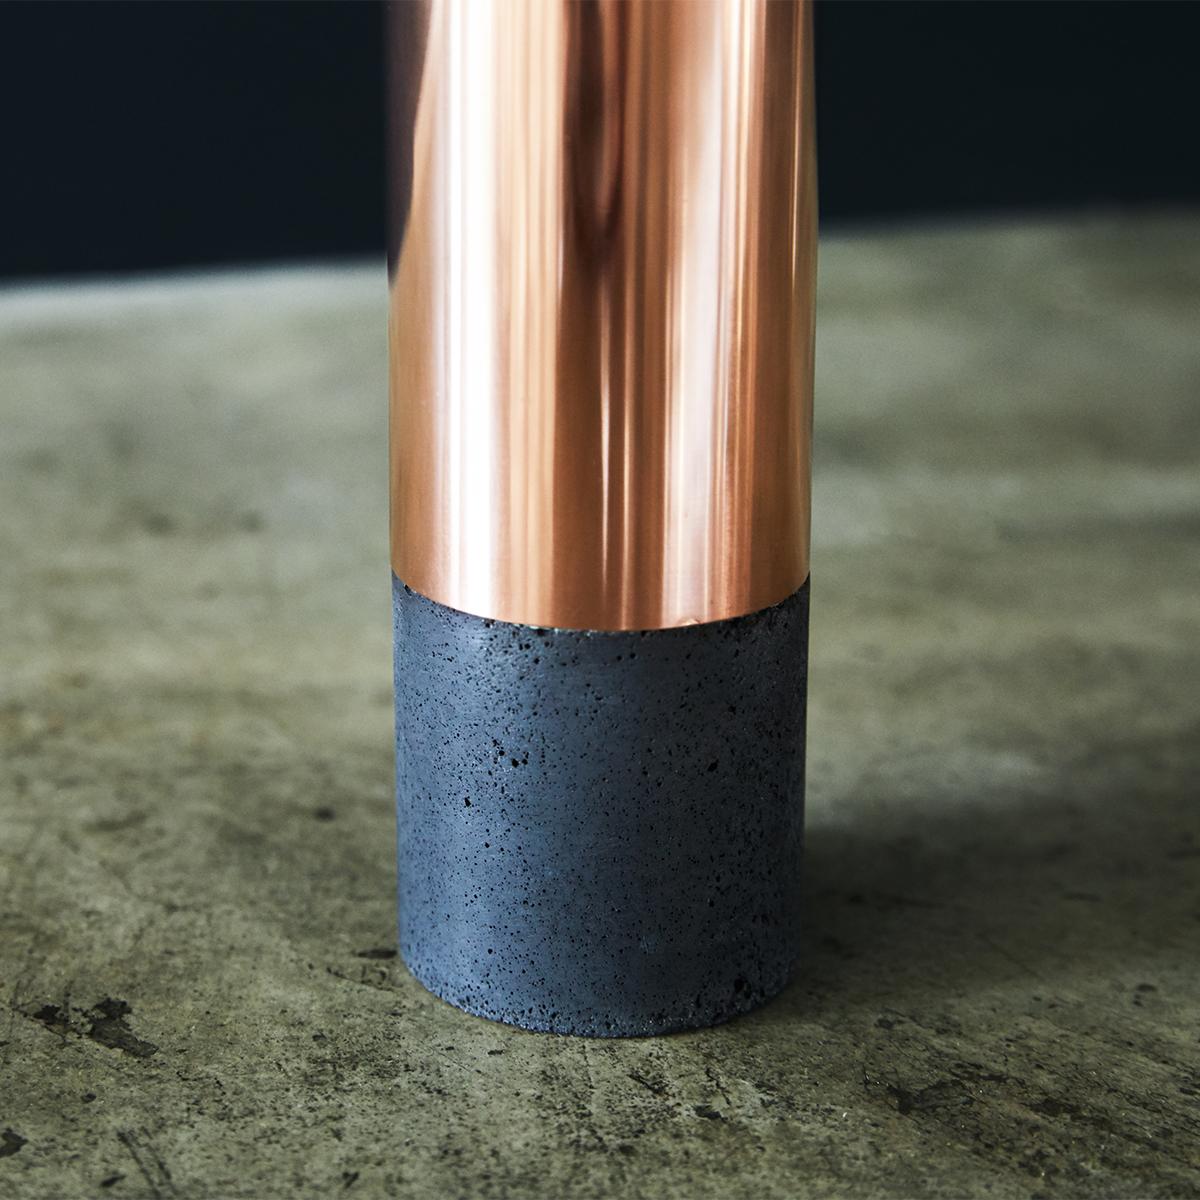 「モルタル」と「銅管」ふたつの円柱がつくる美しい曲面は、無塗装の無骨さを品よく柔和させています。無造作に挿すだけで「絵」になる、銅管の一輪挿し・花瓶・フラワーベース|BULBOUS